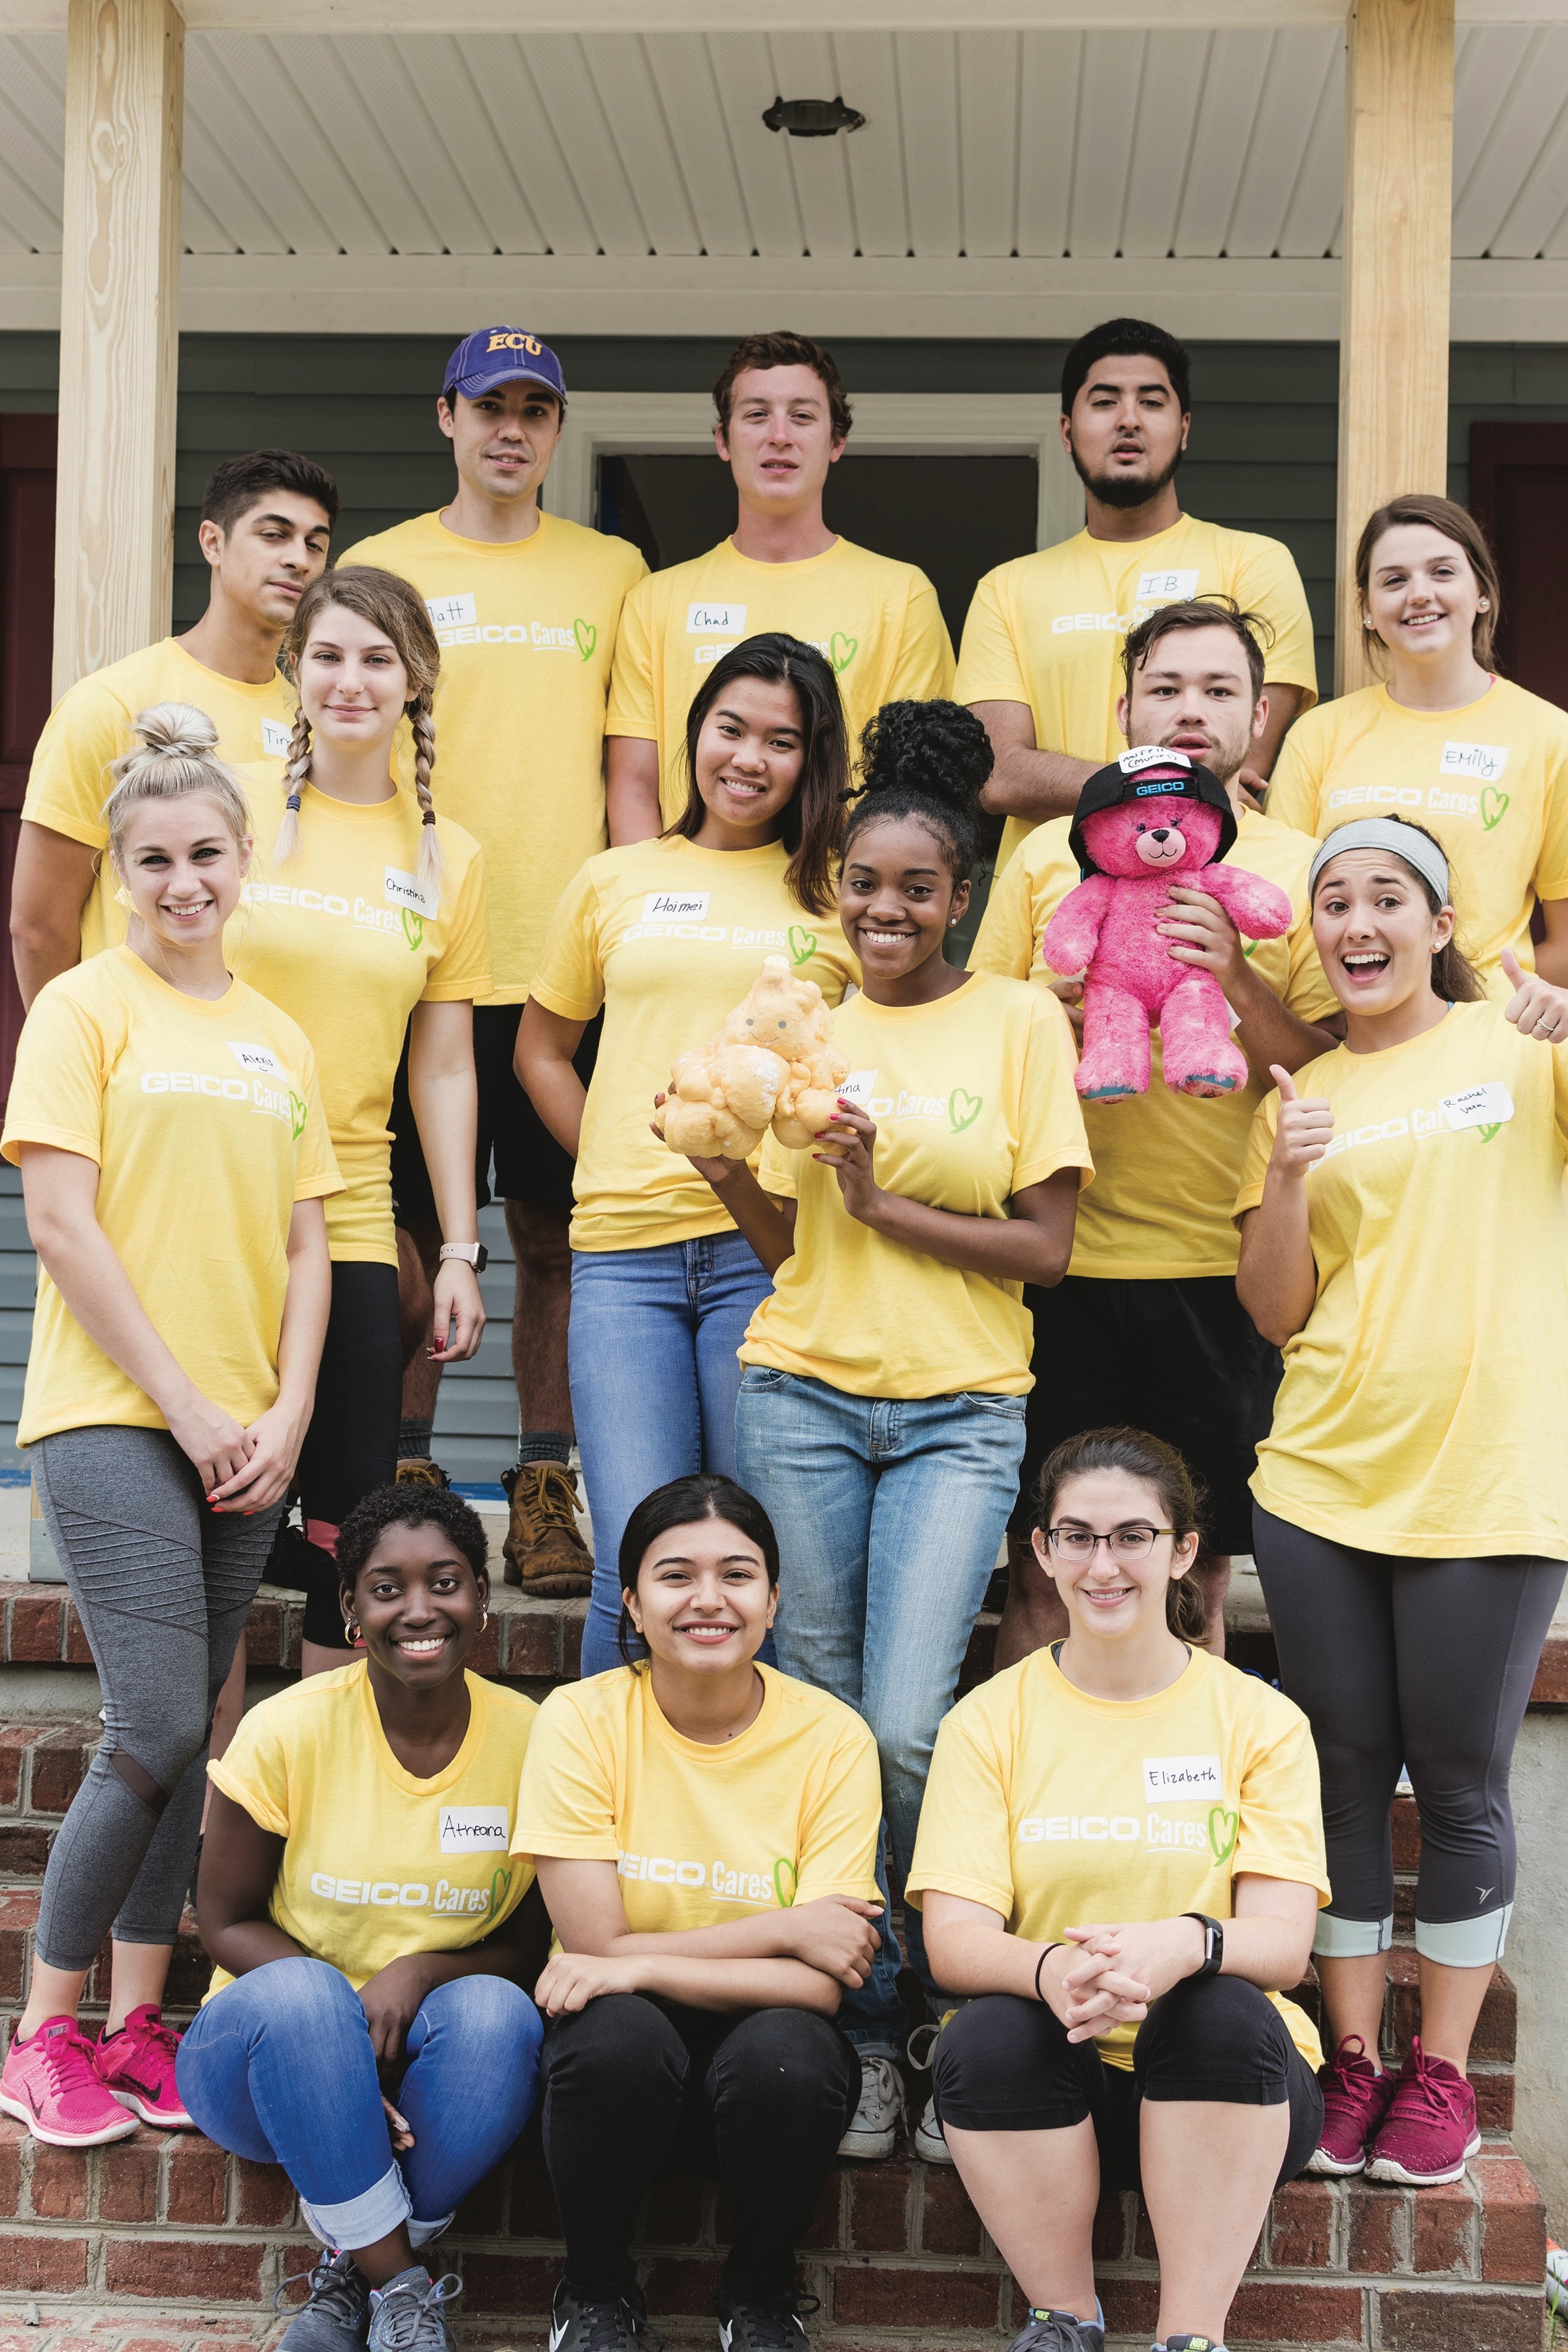 GEICO employees volunteering